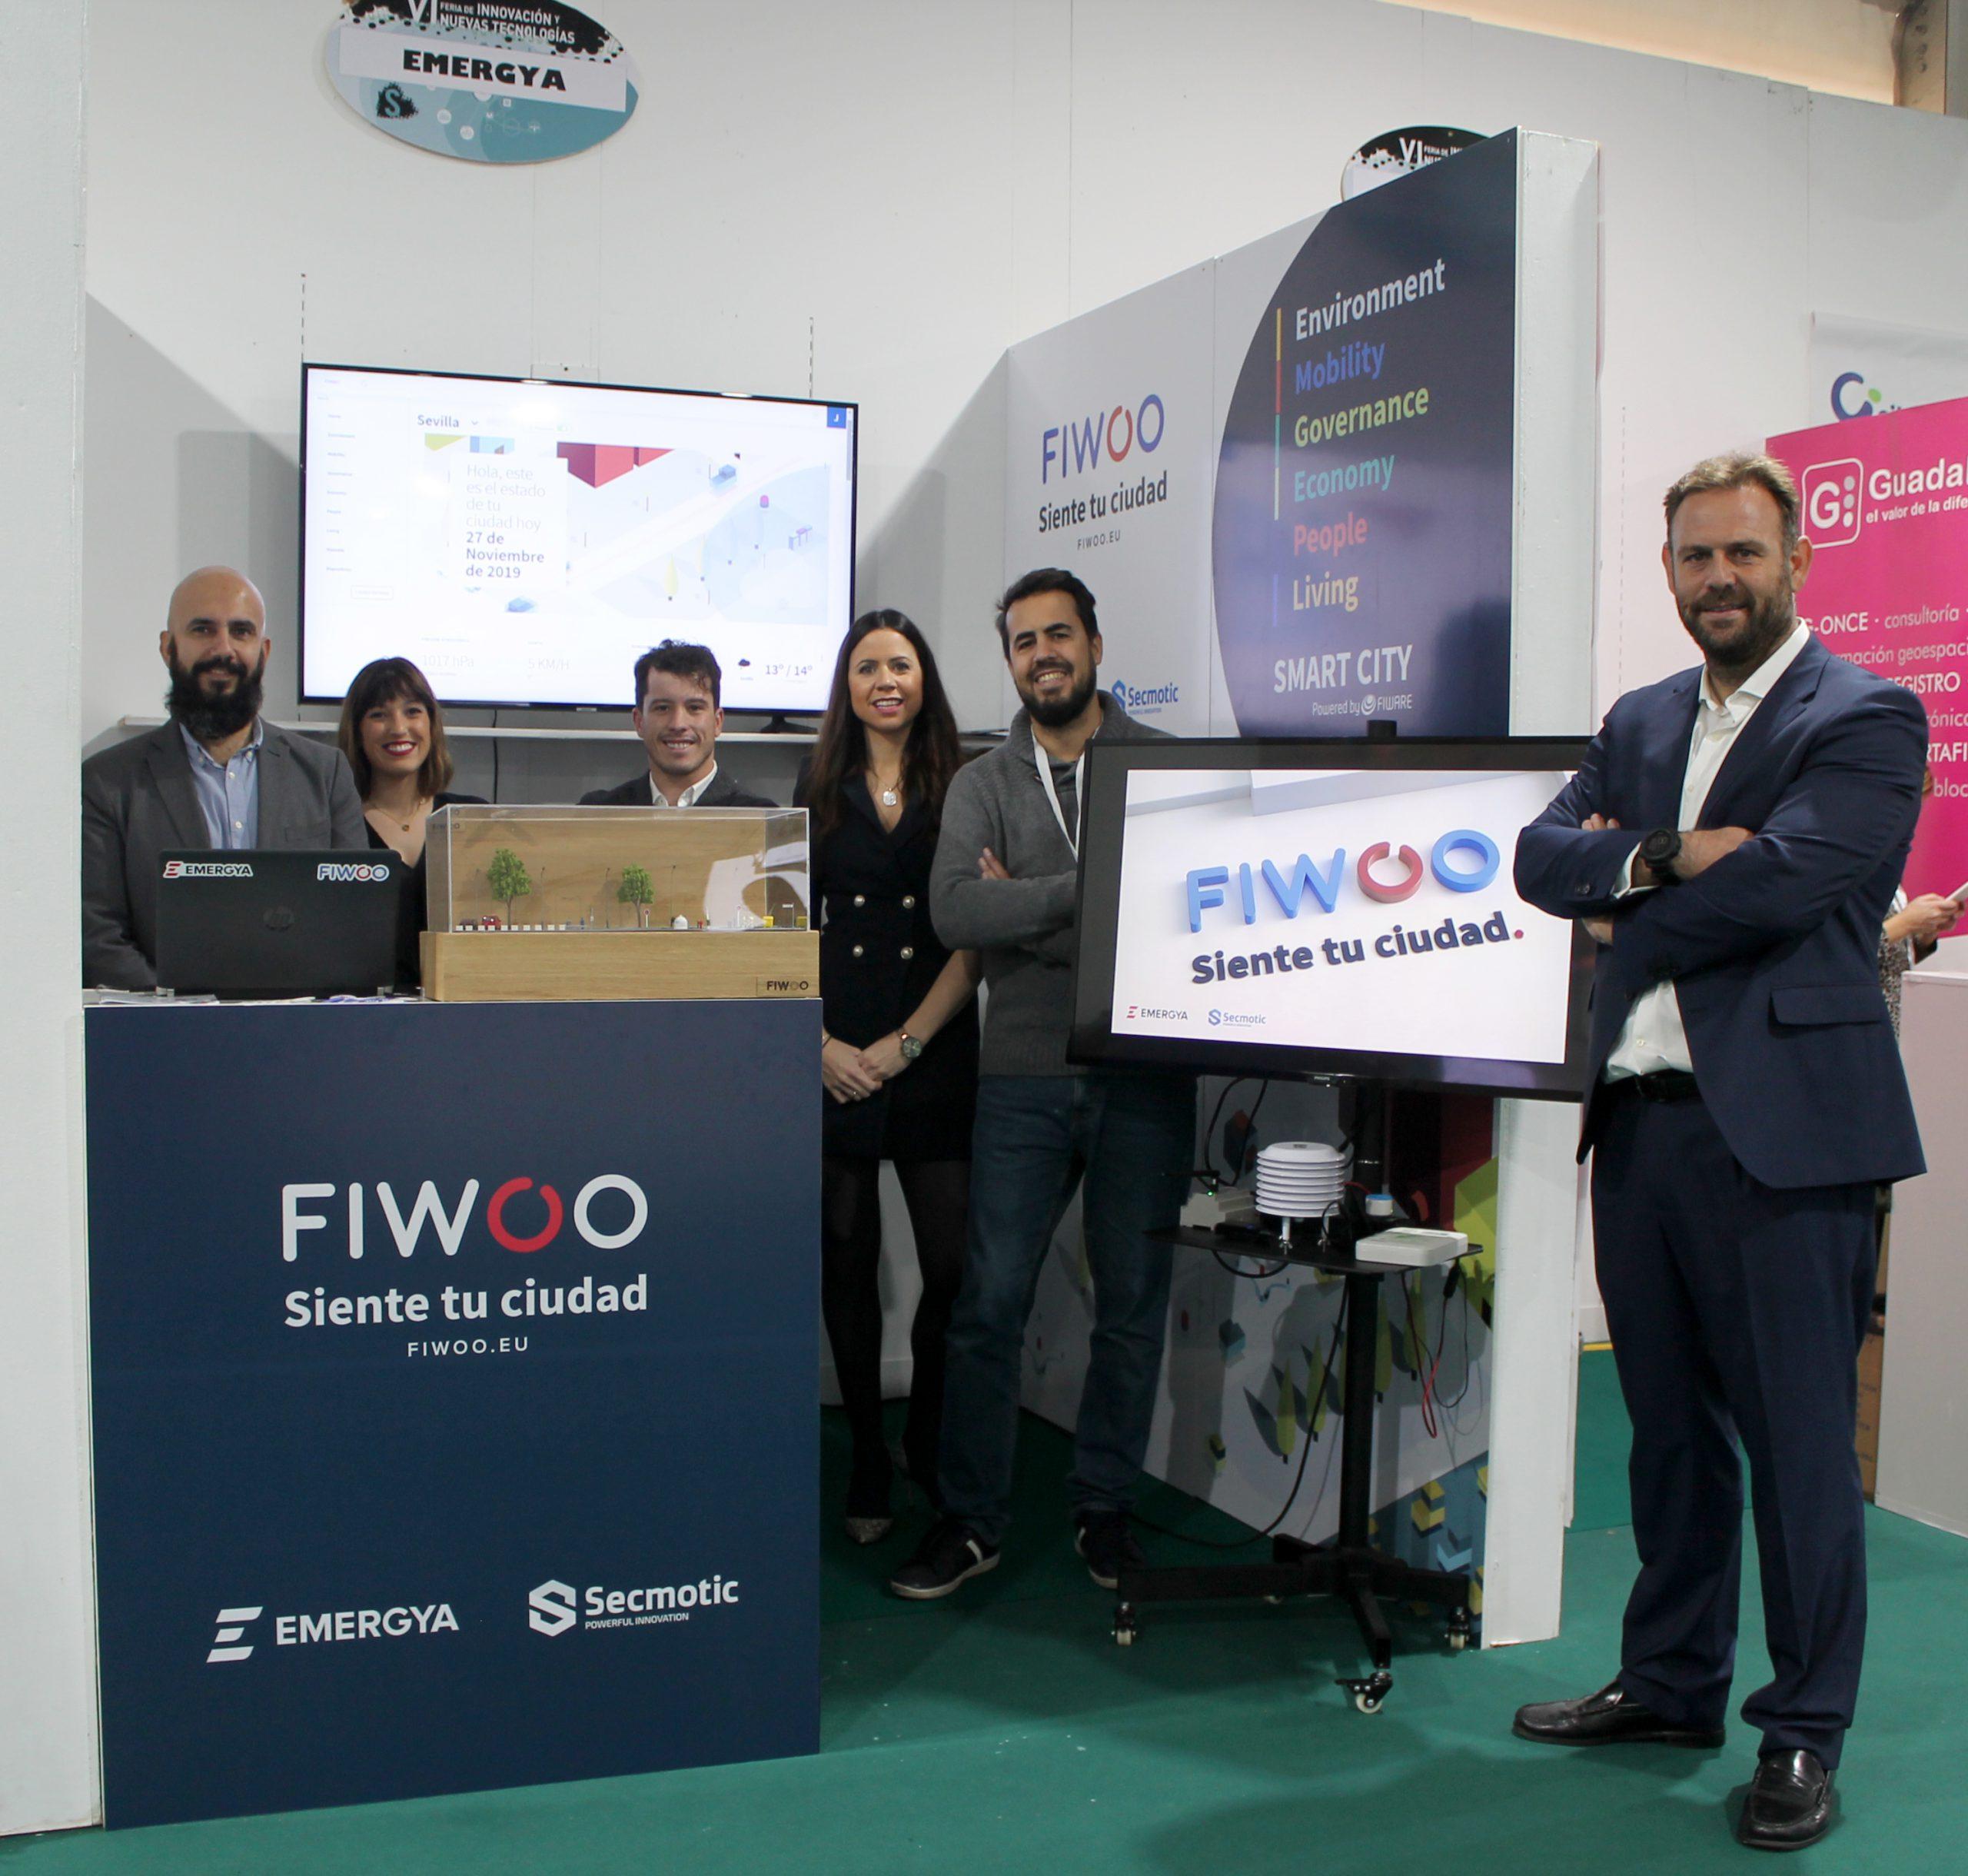 FIWOO en la Feria de Innovación